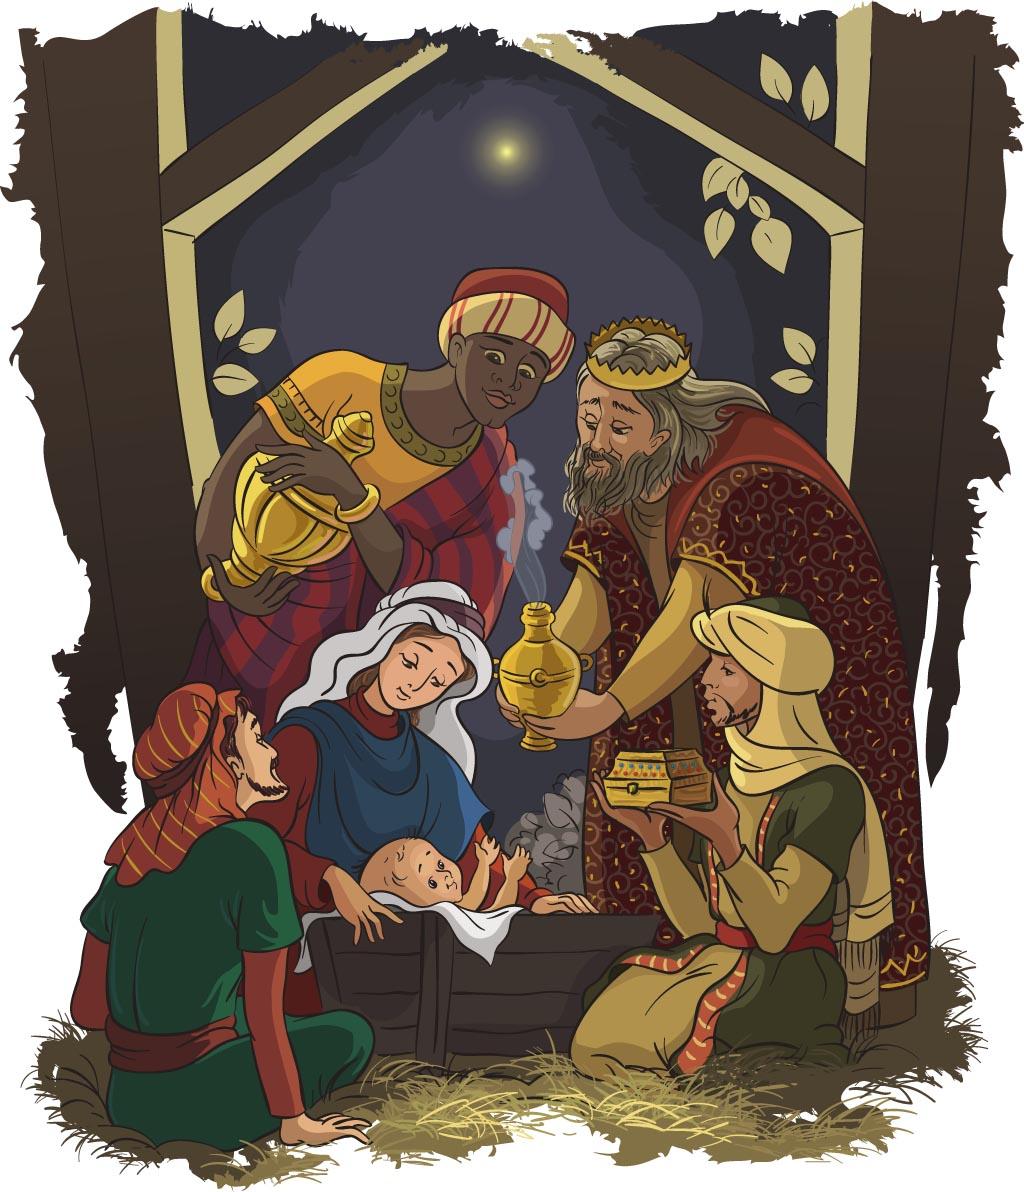 Nativity scene: Jesus, Mary, Joseph and the three kings